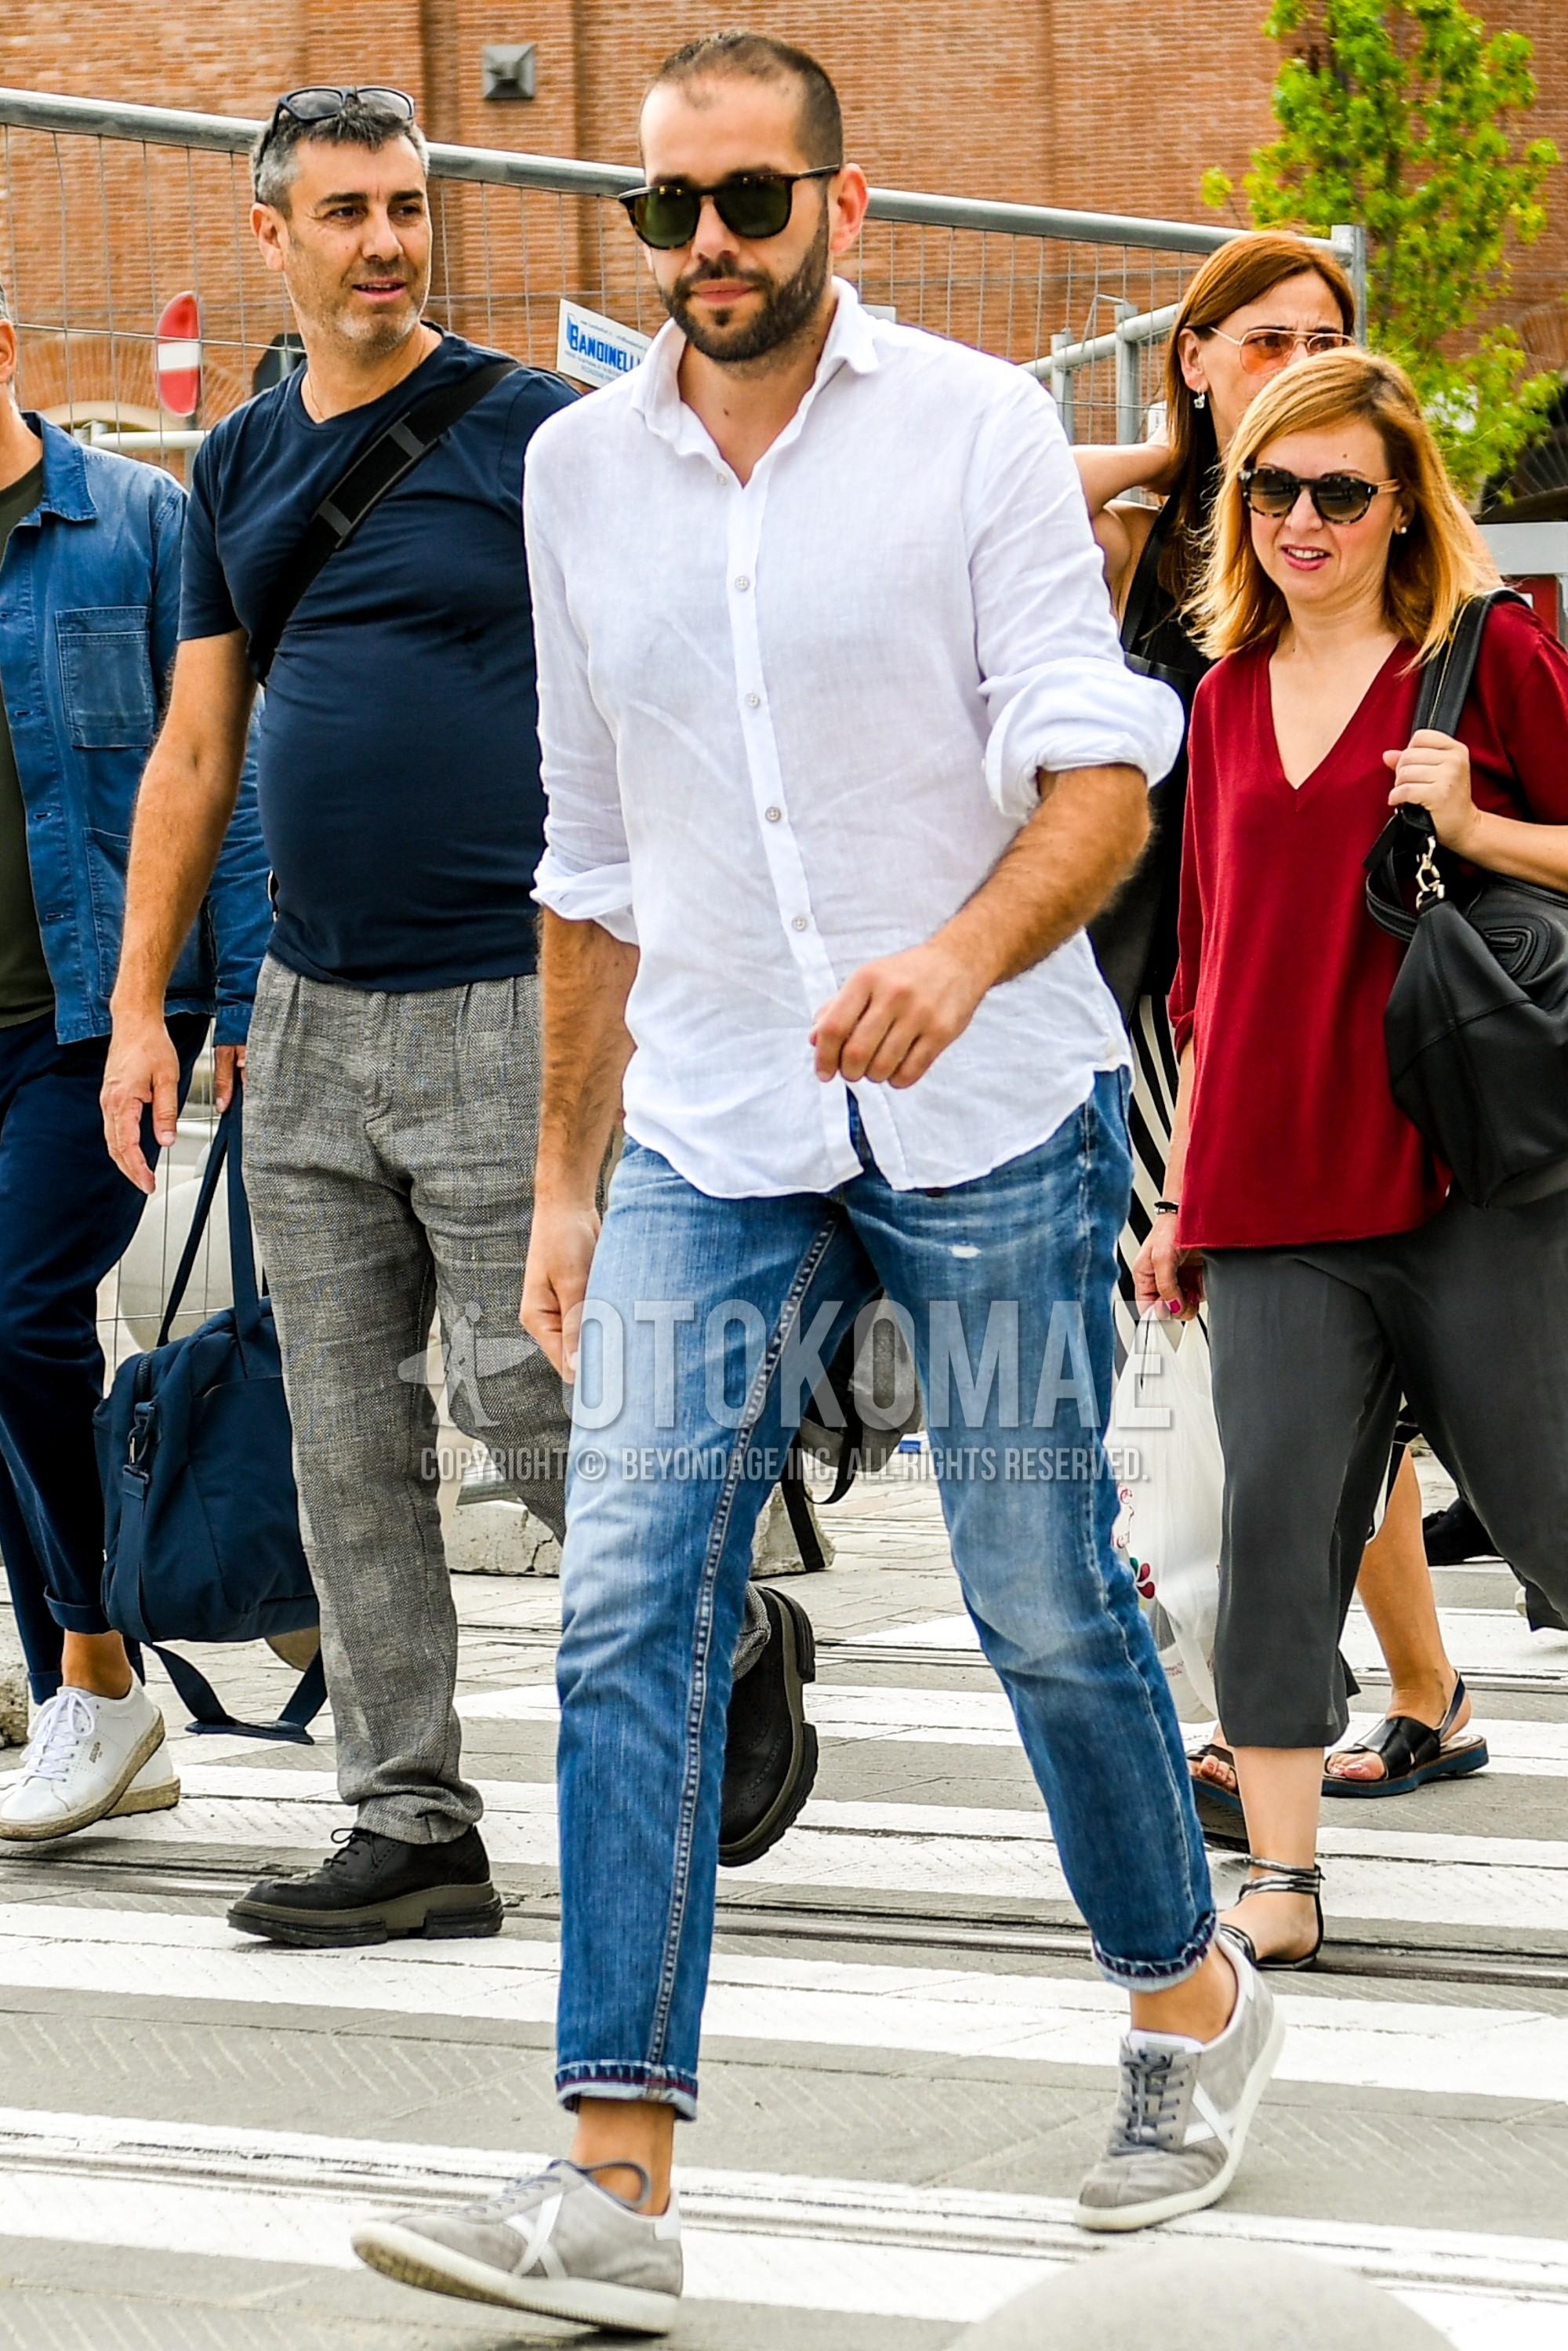 ブラウンべっ甲のサングラス、白無地のシャツ、ブルー無地のデニム/ジーンズ、グレーローカットのスニーカーを合わせた春夏のメンズコーデ・着こなし。